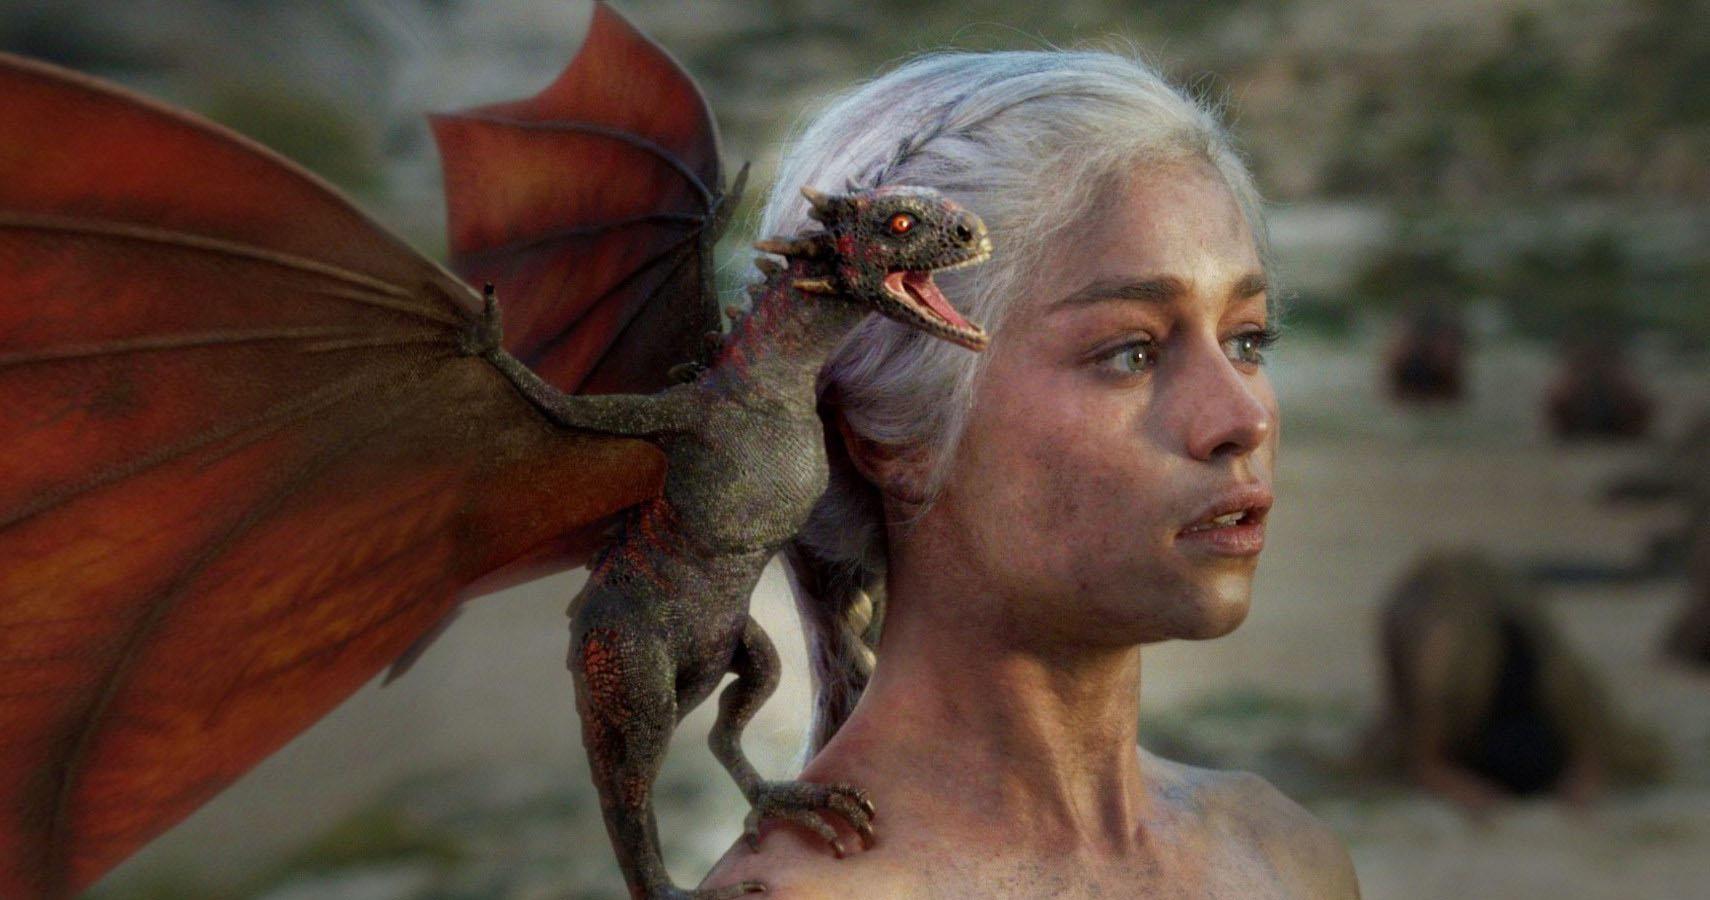 Trước thềm Game of Thrones mùa 8 ra mắt, mau mau ôn lại 8 sự kiện quan trọng! (Phần 1) - Ảnh 2.